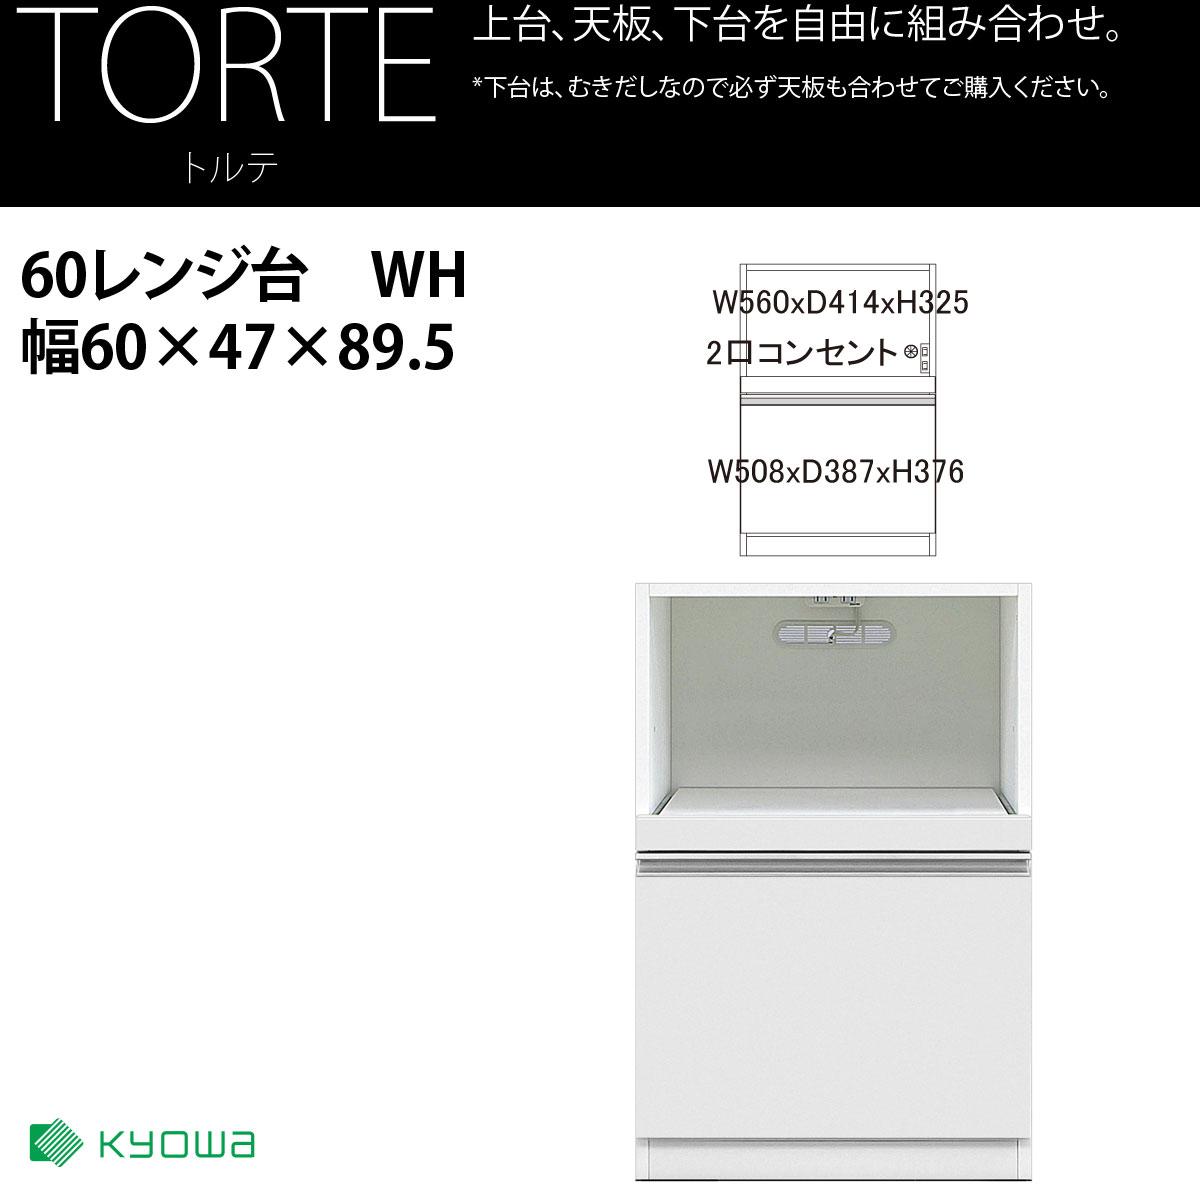 共和産業 トルテ 下台 レンジ台 60R ホワイト【幅60×高さ89.5cm】 日本製 国産